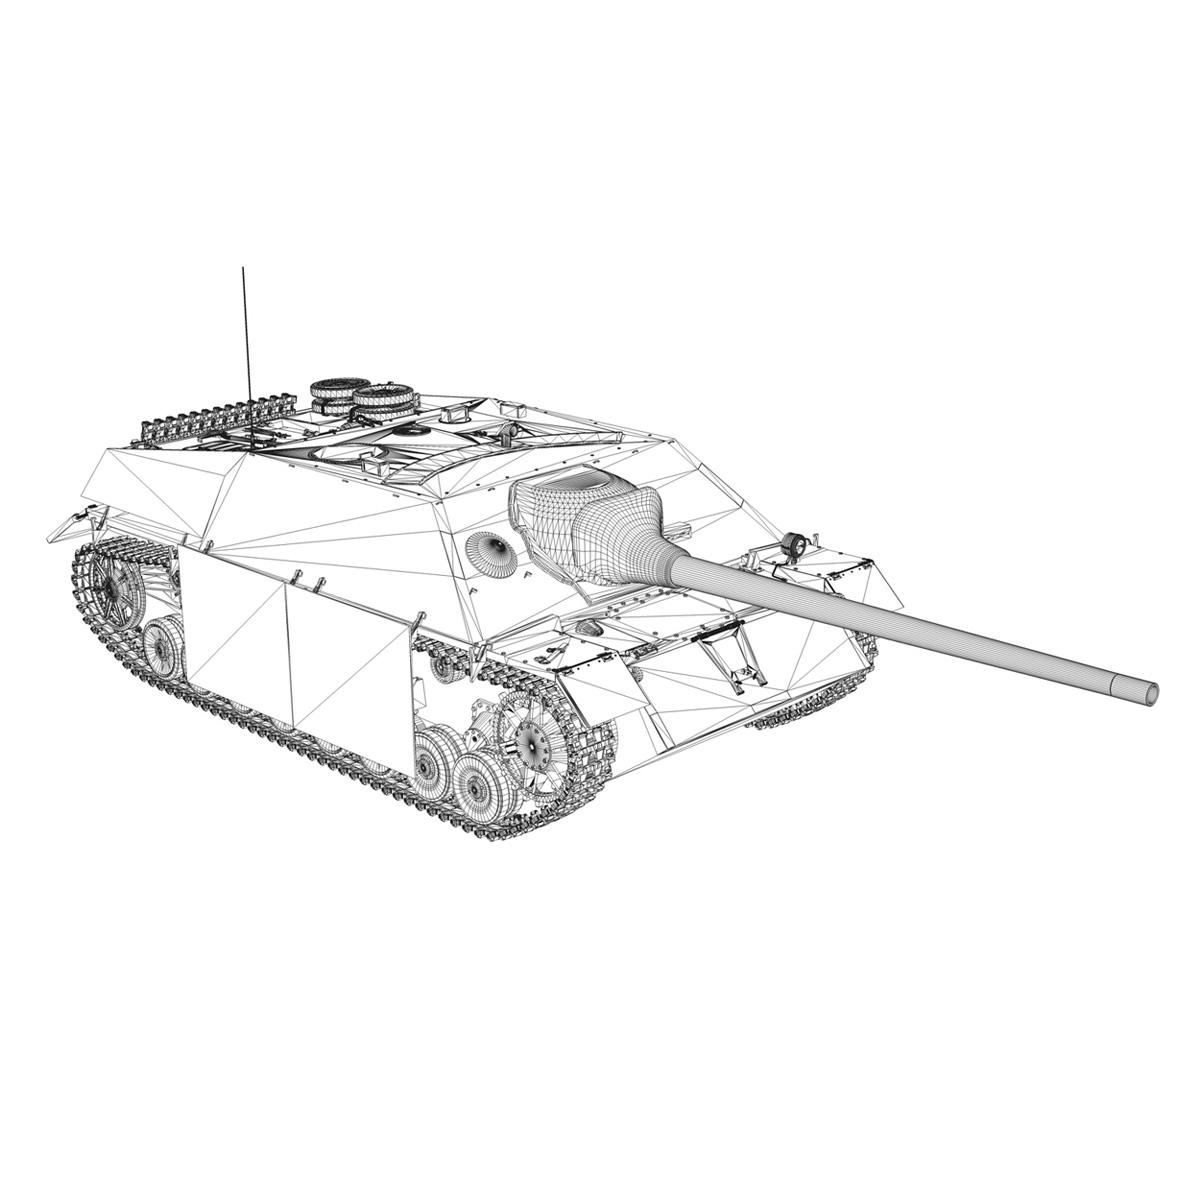 jagdpanzer iv l/70 (v) late production 3d model 3ds fbx c4d lwo obj 202027